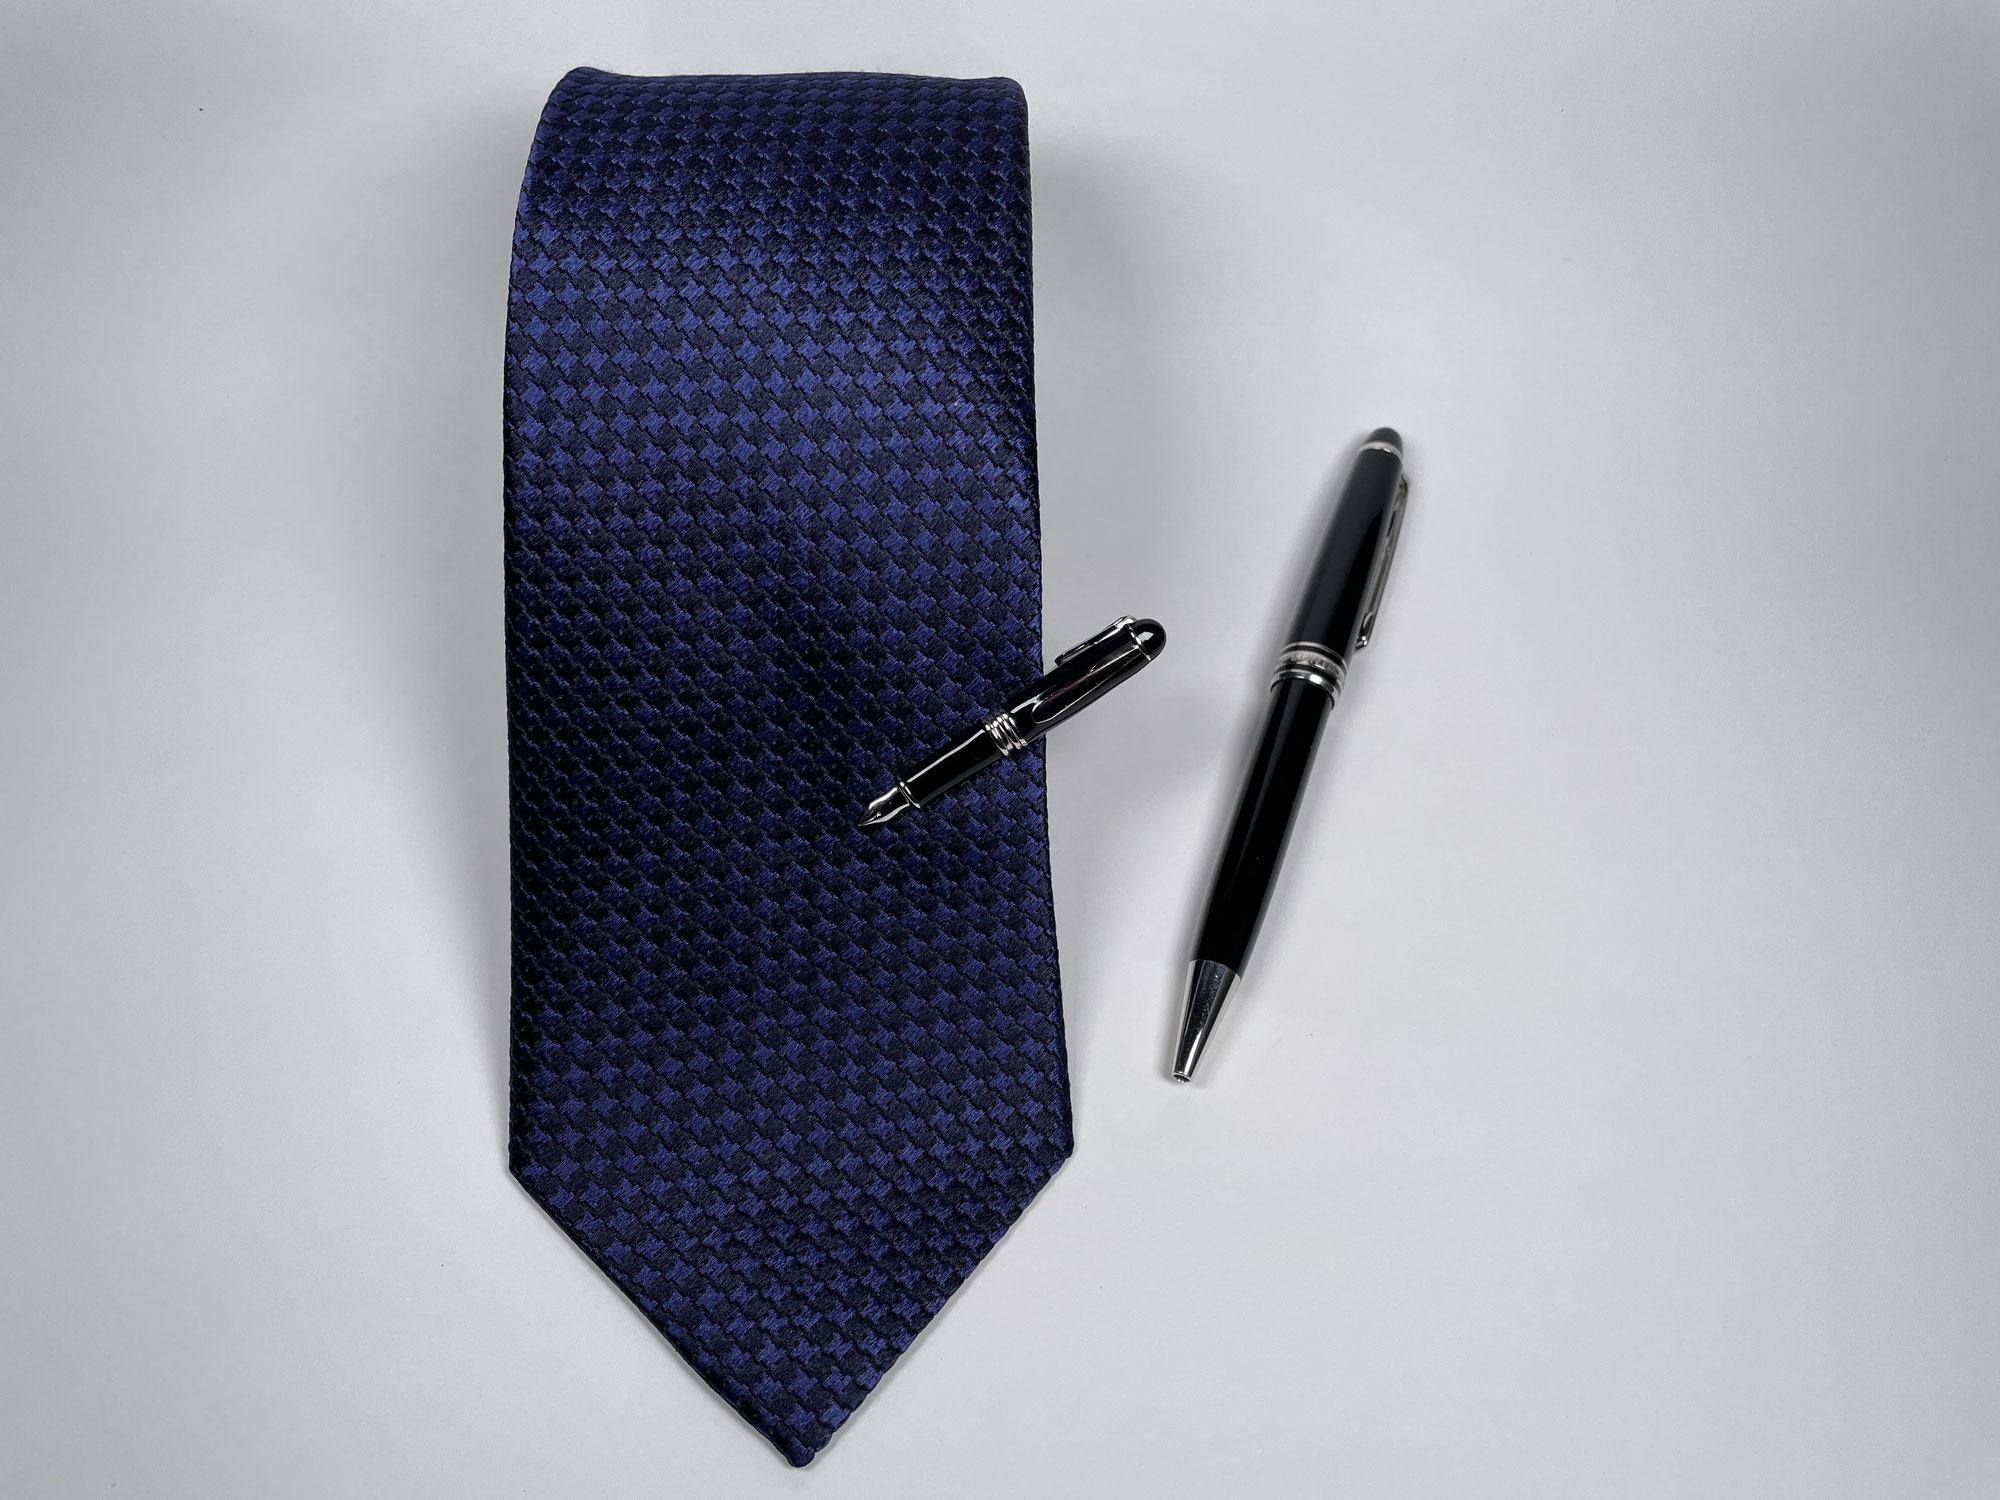 ネクタイとこだわりのボールペン